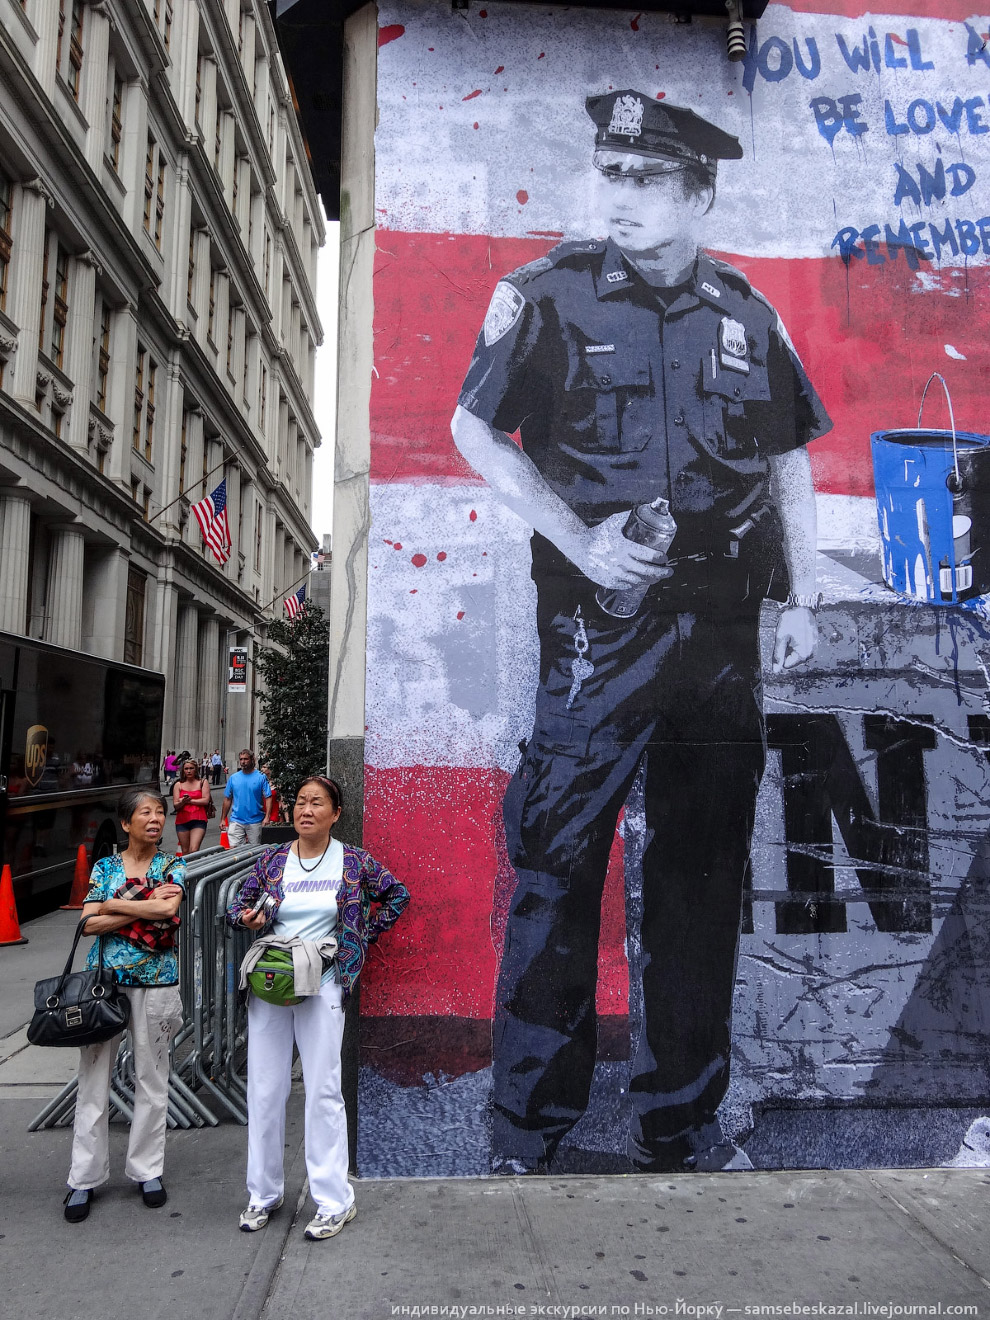 Стрит-арт посвященный Нью-Йорку и 9/11